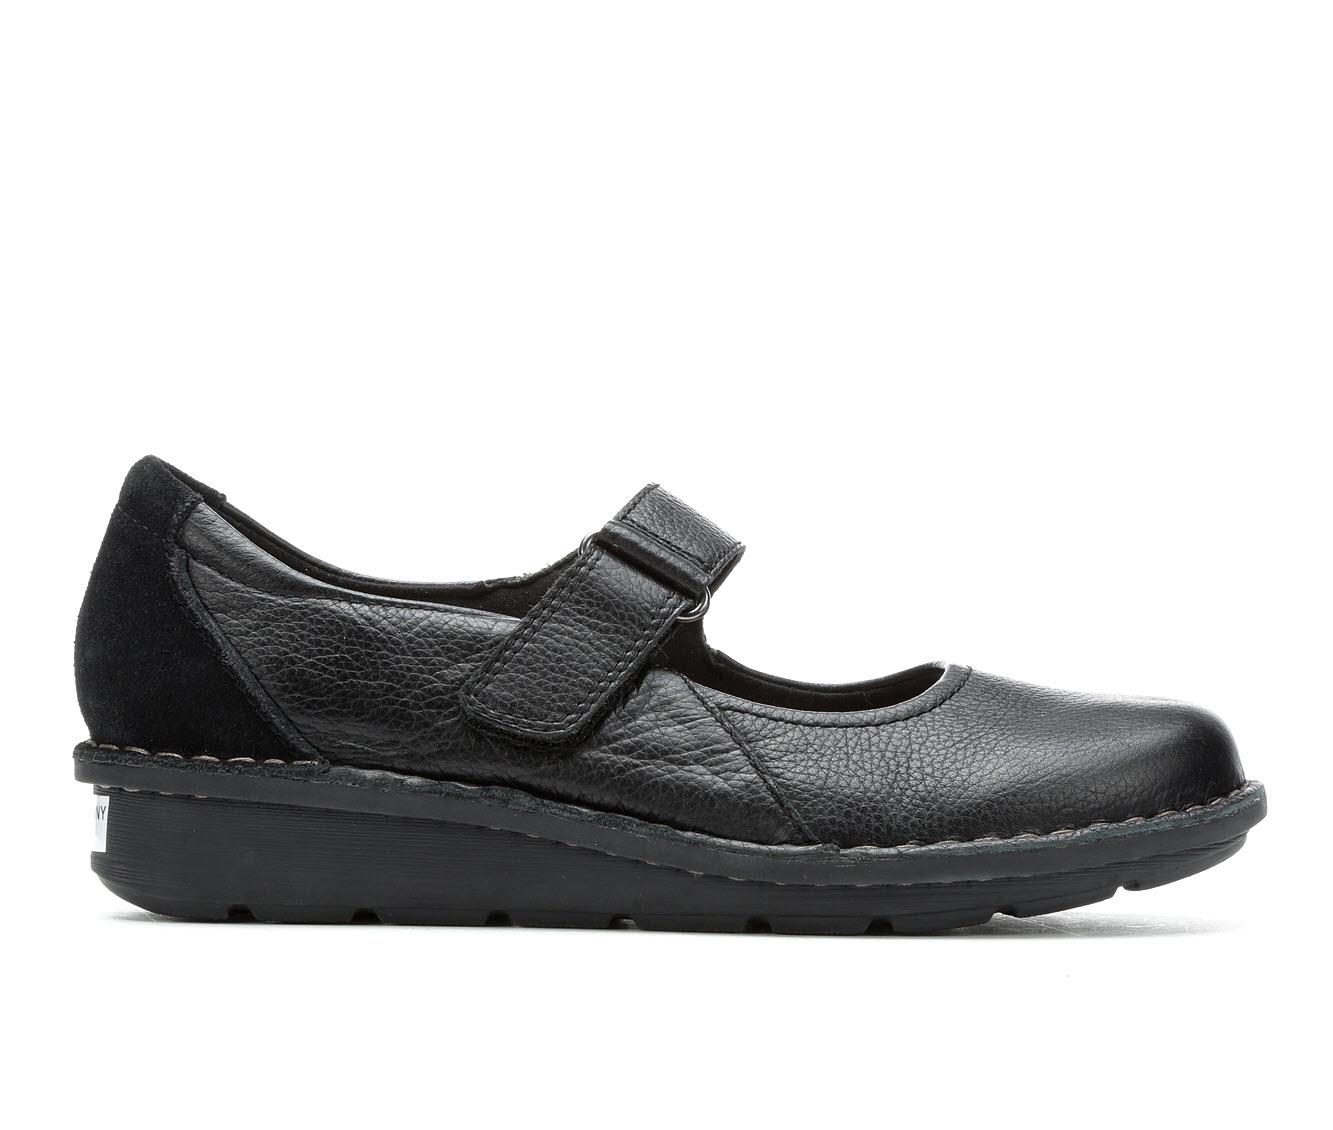 Clarks Michela Penny Women's Shoe (Black Leather)